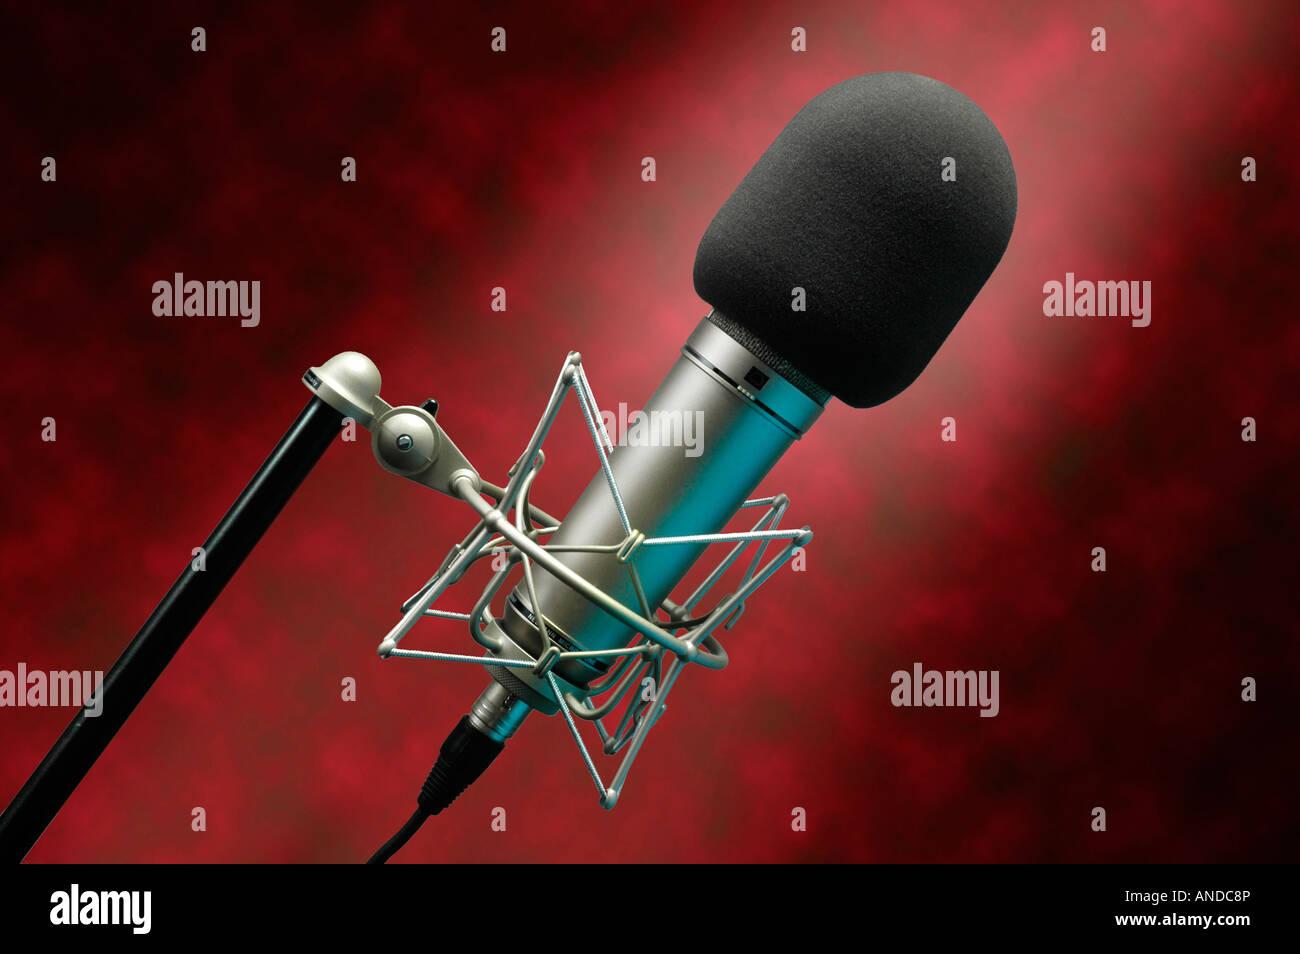 Microphone de studio professionnel d'enregistrement de musique ou de voix contre un fond marbré rouge Photo Stock